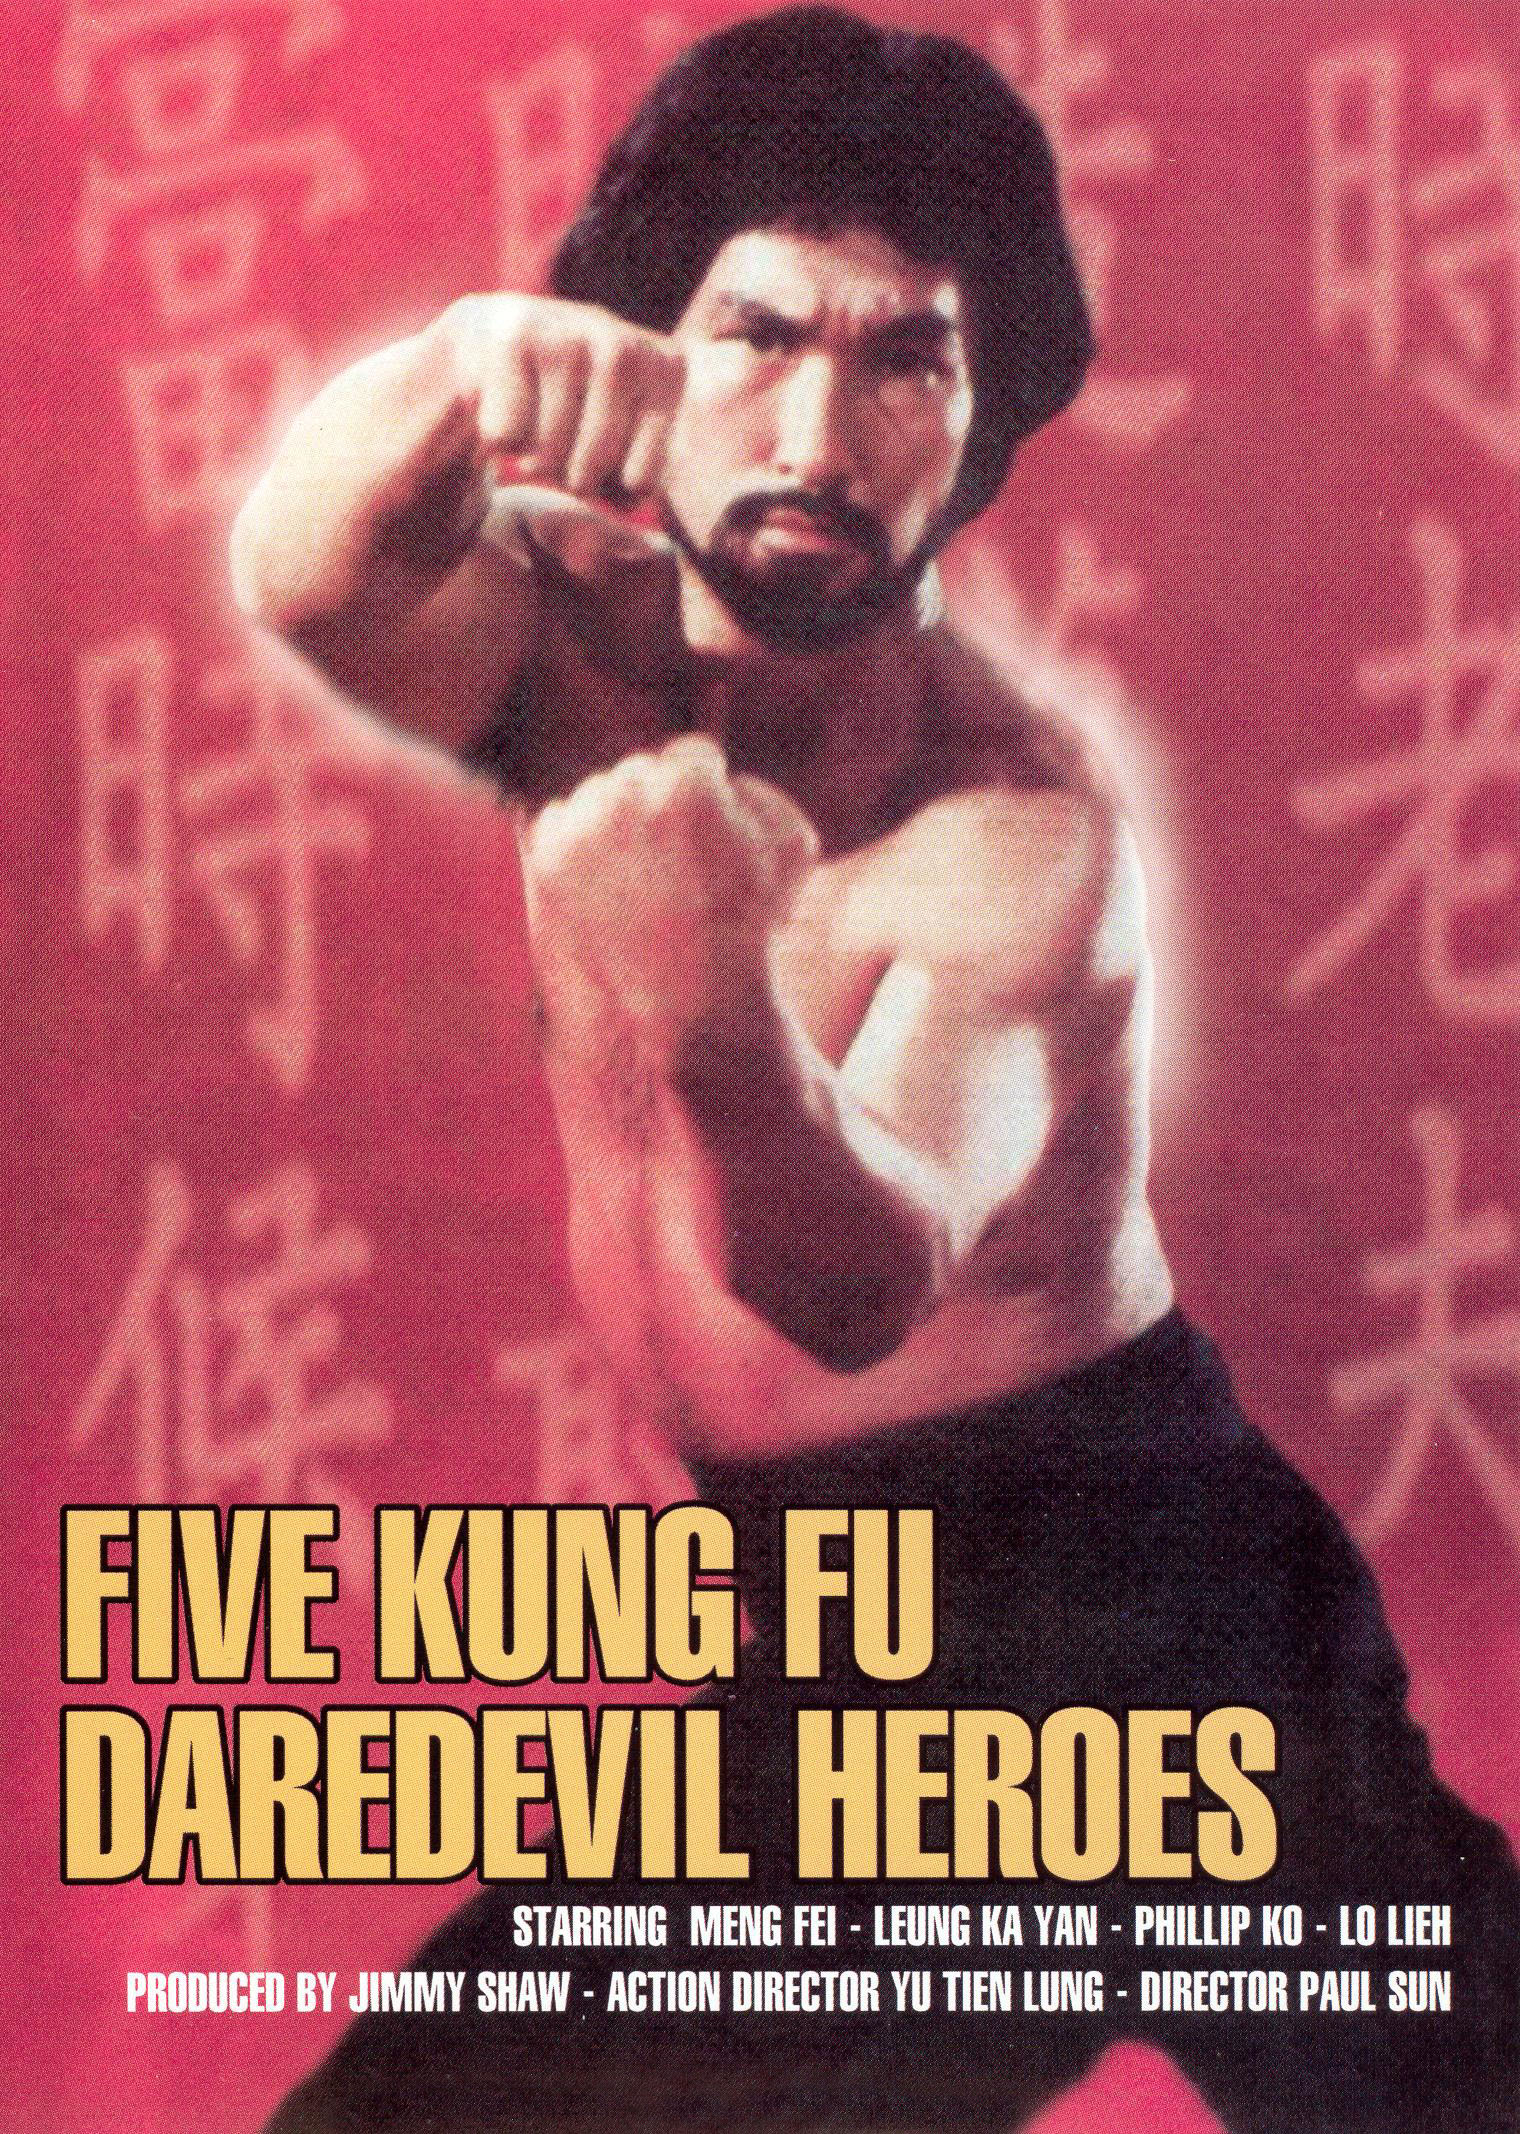 5 Kung Fu Daredevil Heroes